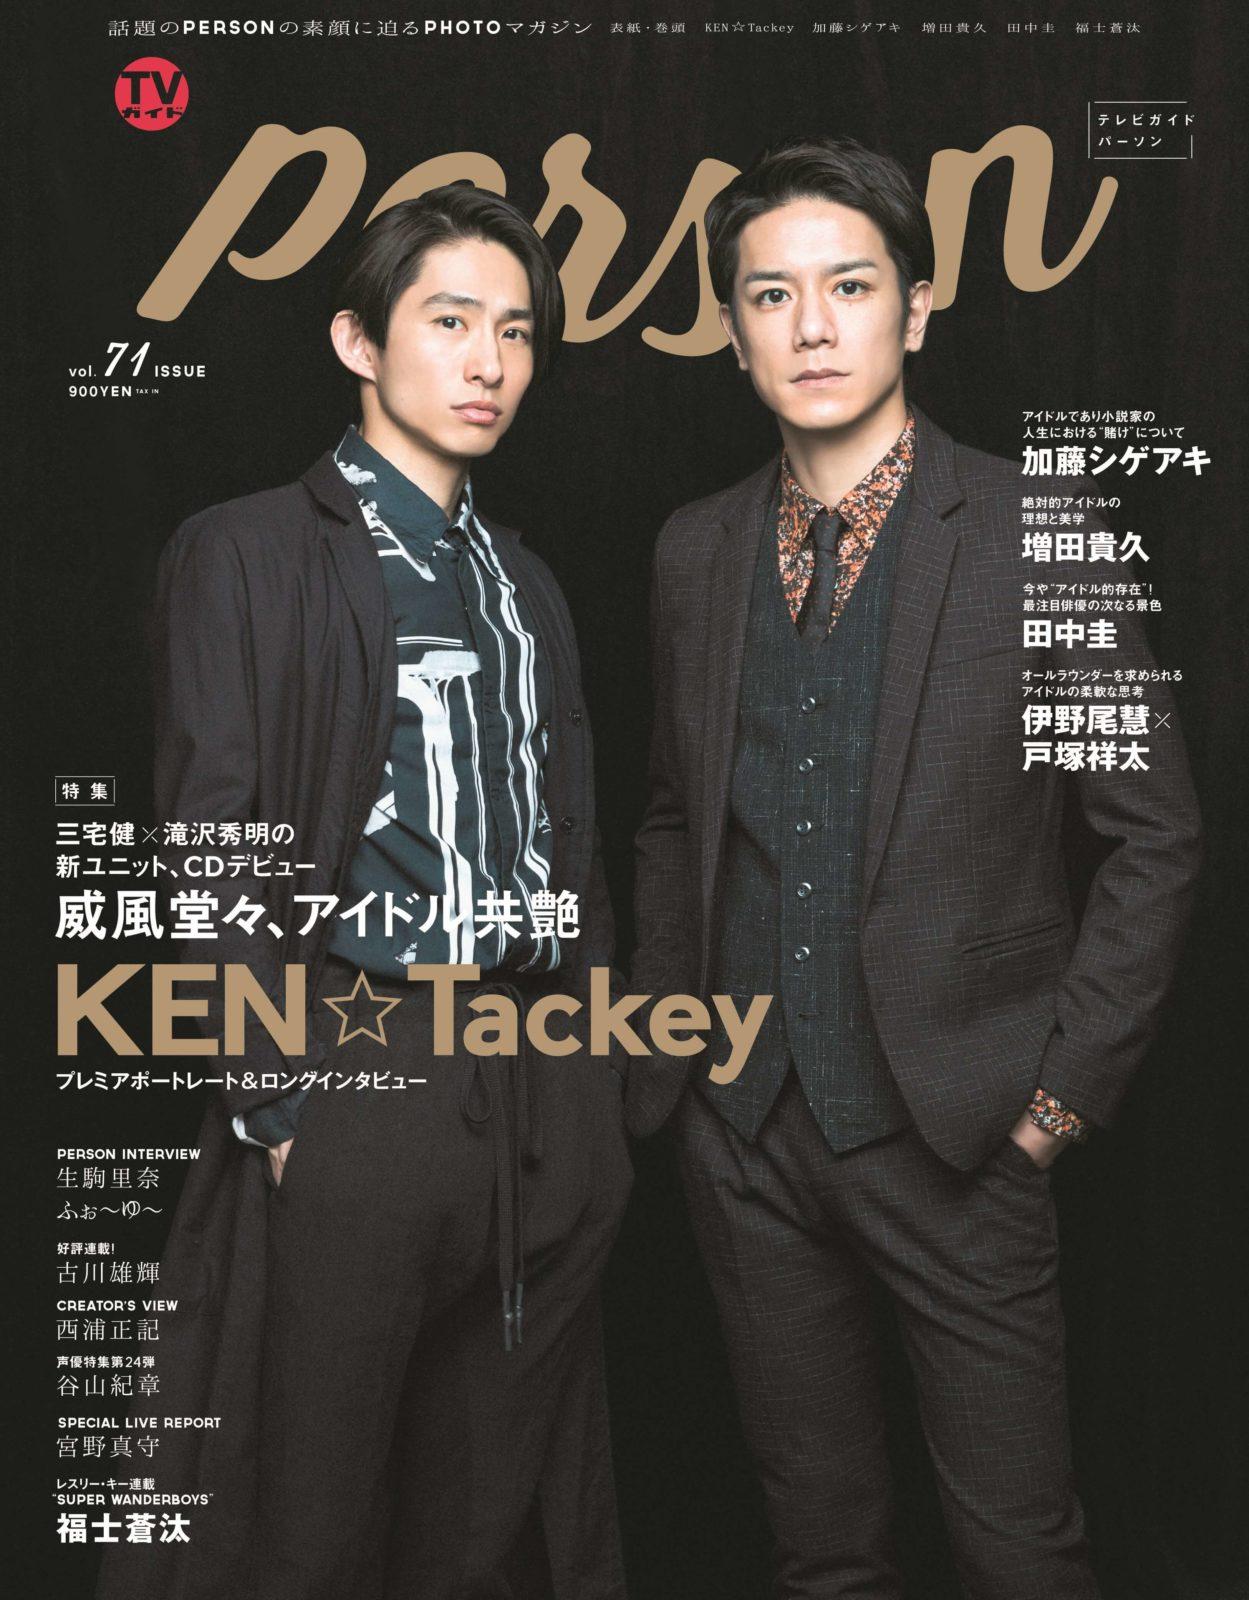 三宅健&滝沢秀明による新ユニット・KEN☆Tackey表紙の雑誌が発売2日目で増刷決定サムネイル画像